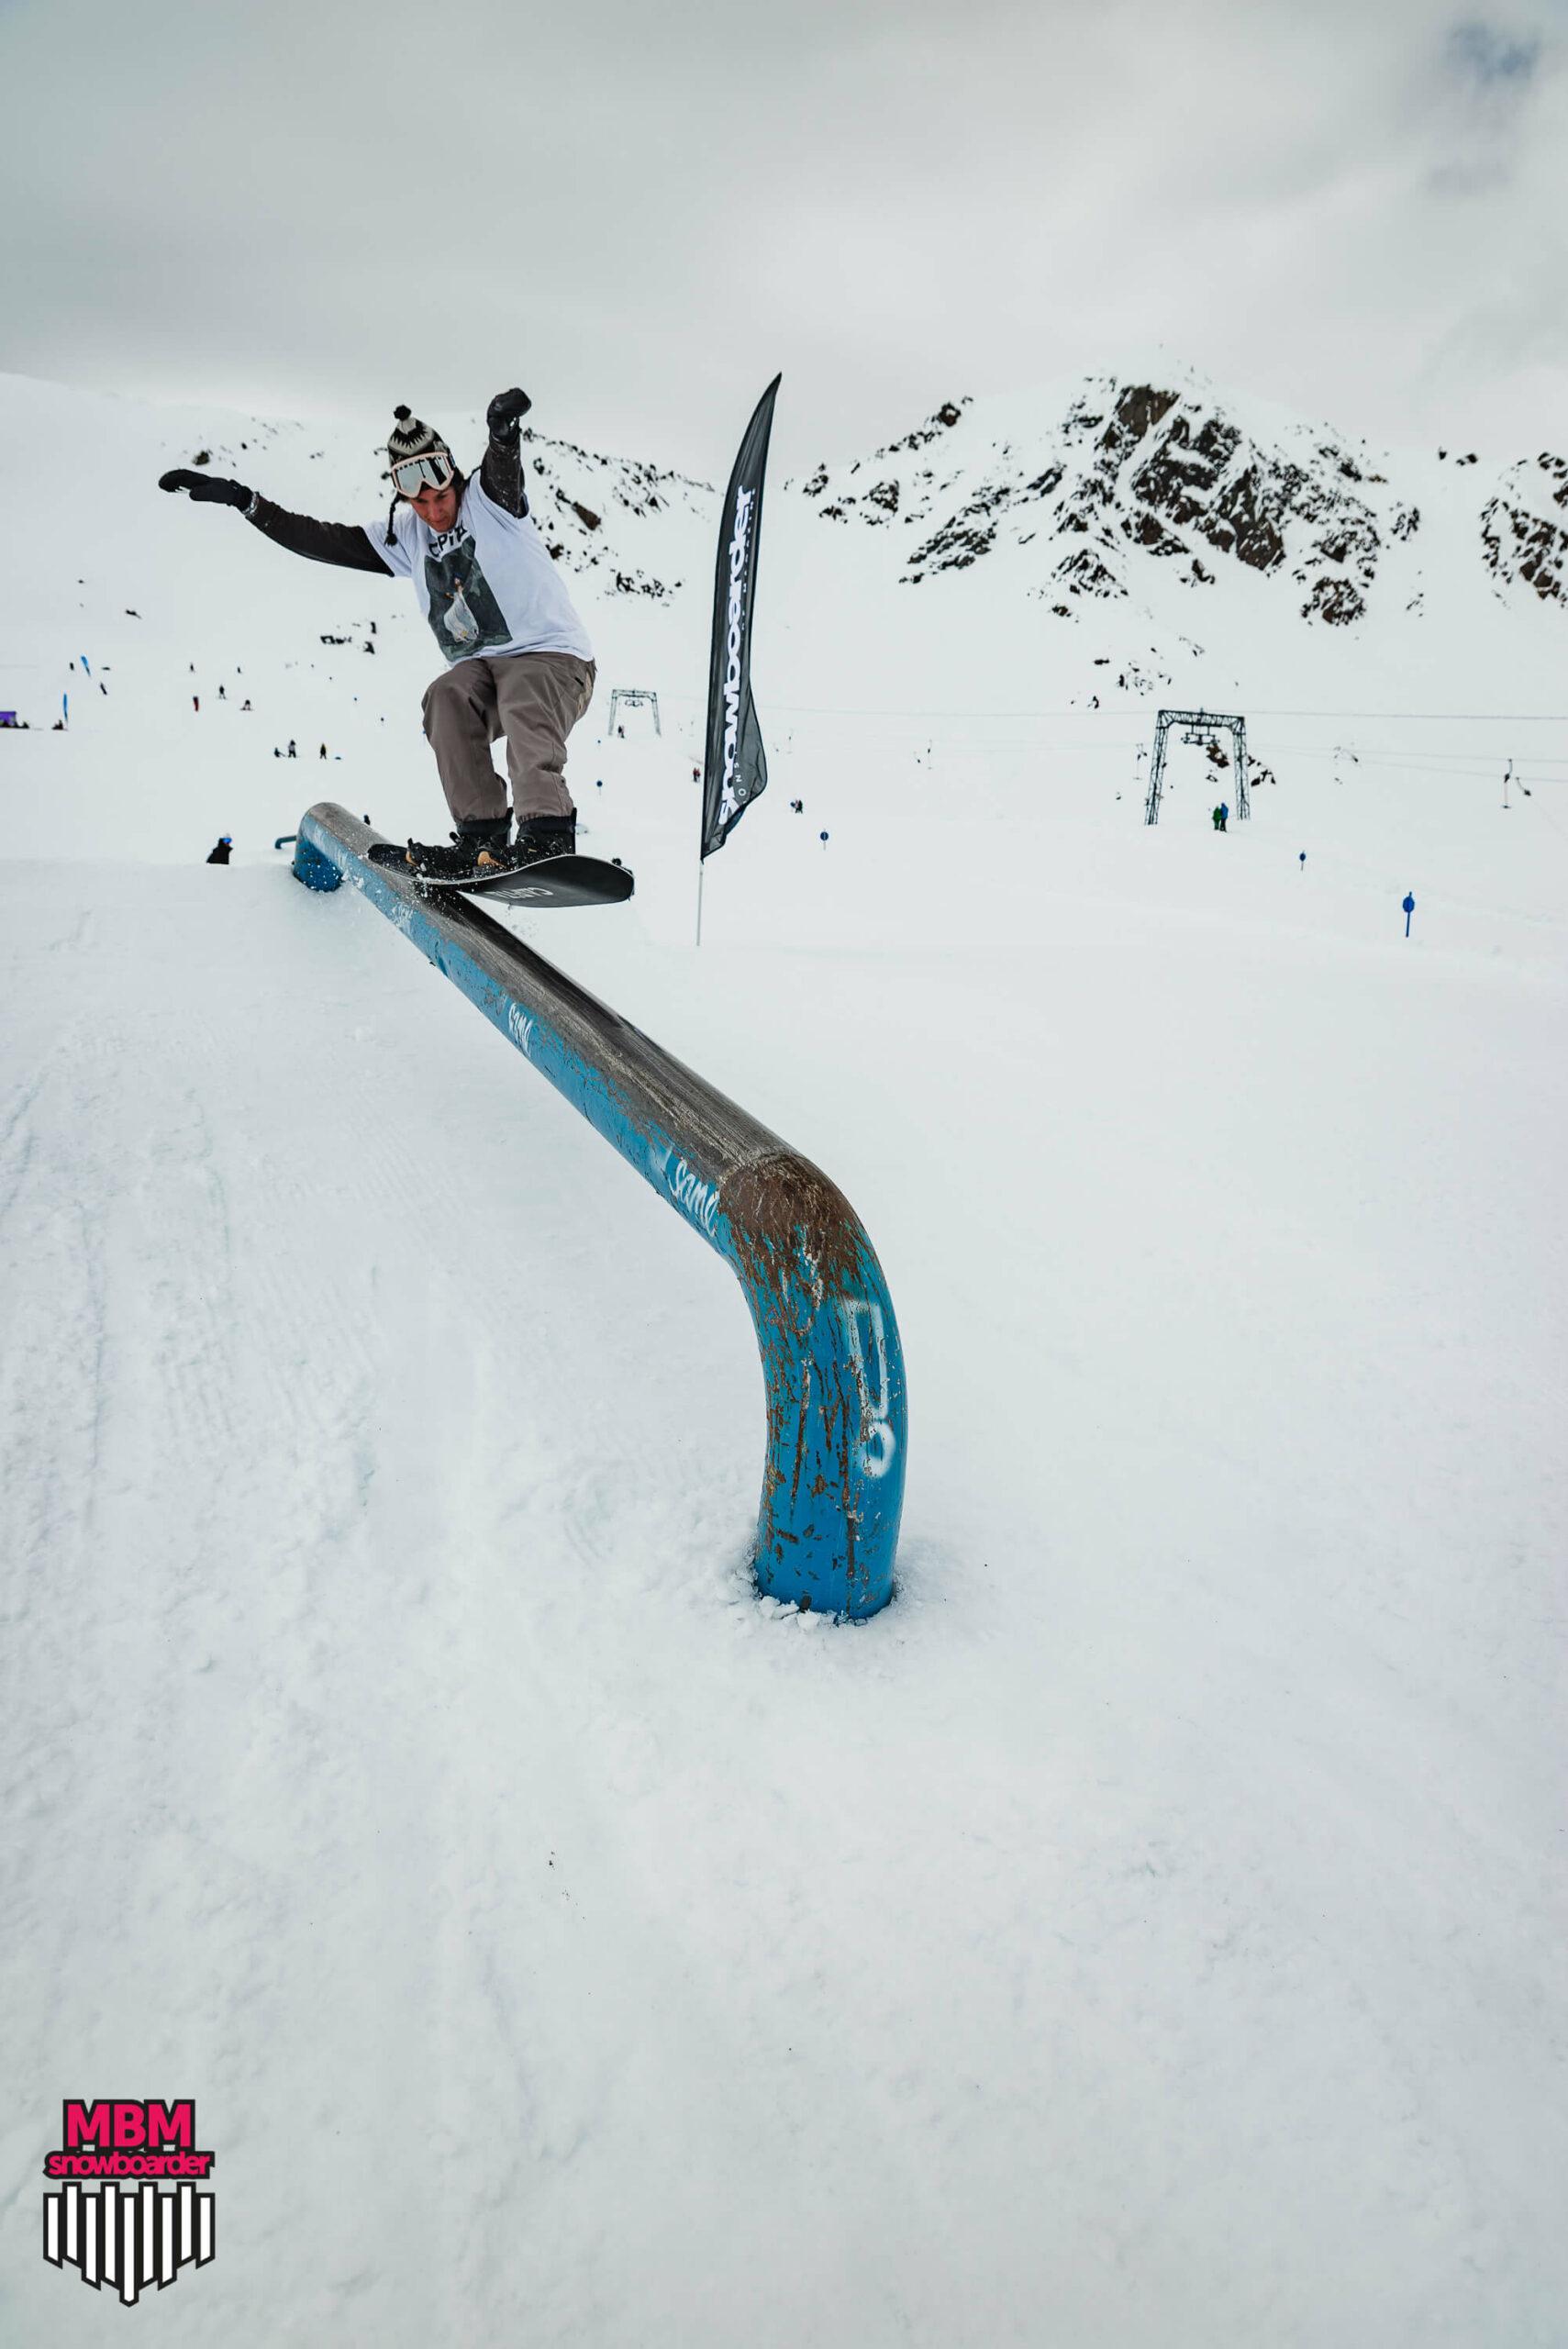 snowboarderMBM_sd_kaunertal_049